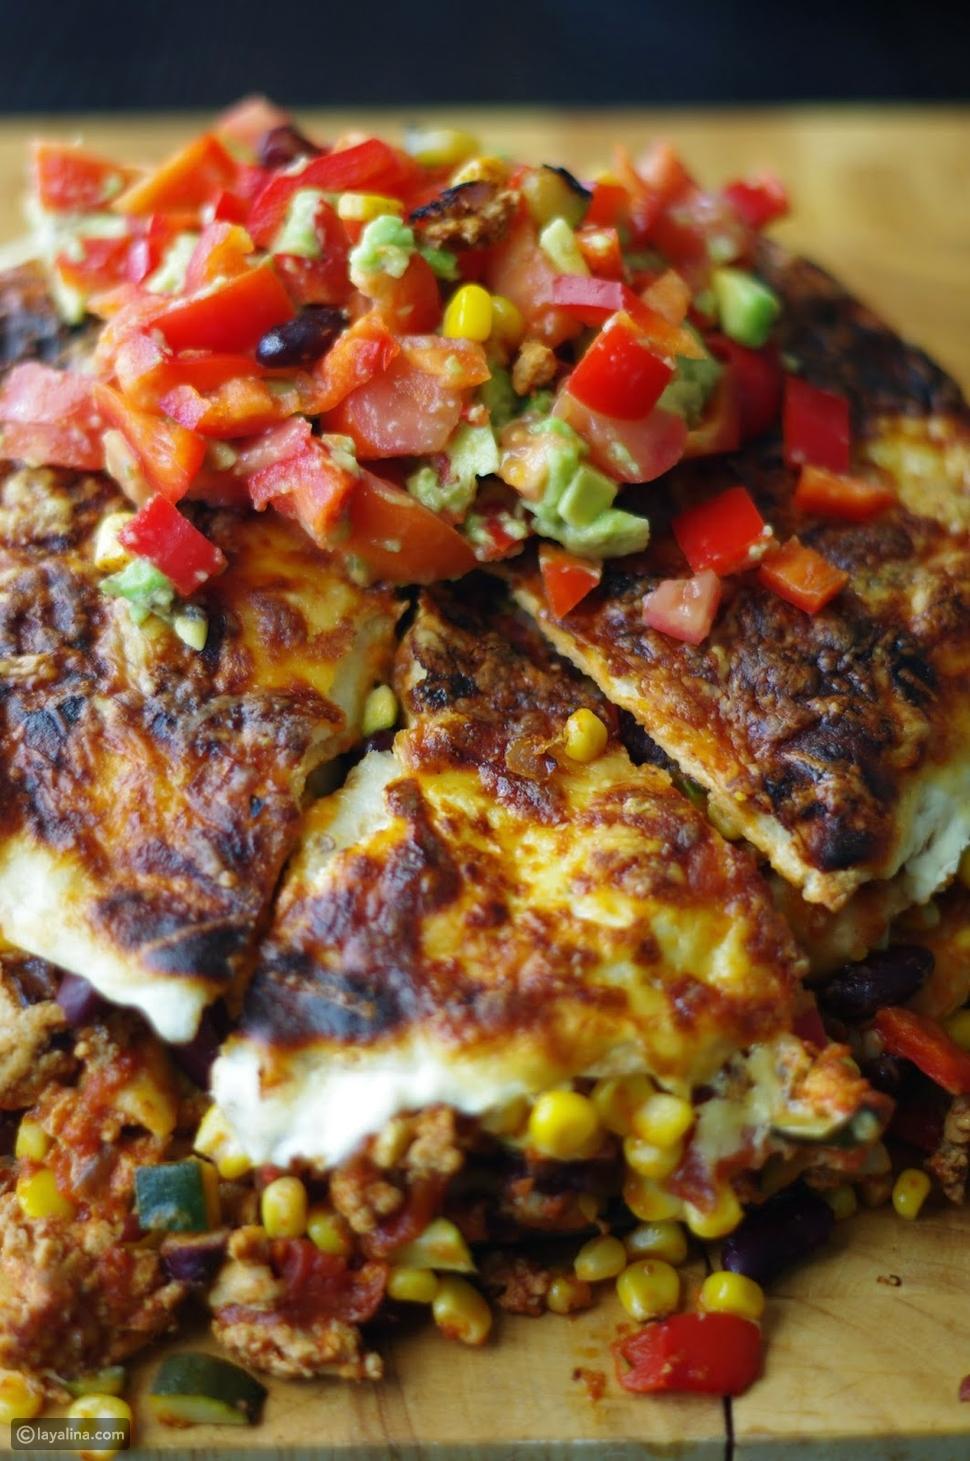 فطيرة الدجاج المكسيكي الحار بخبز التورتيلا